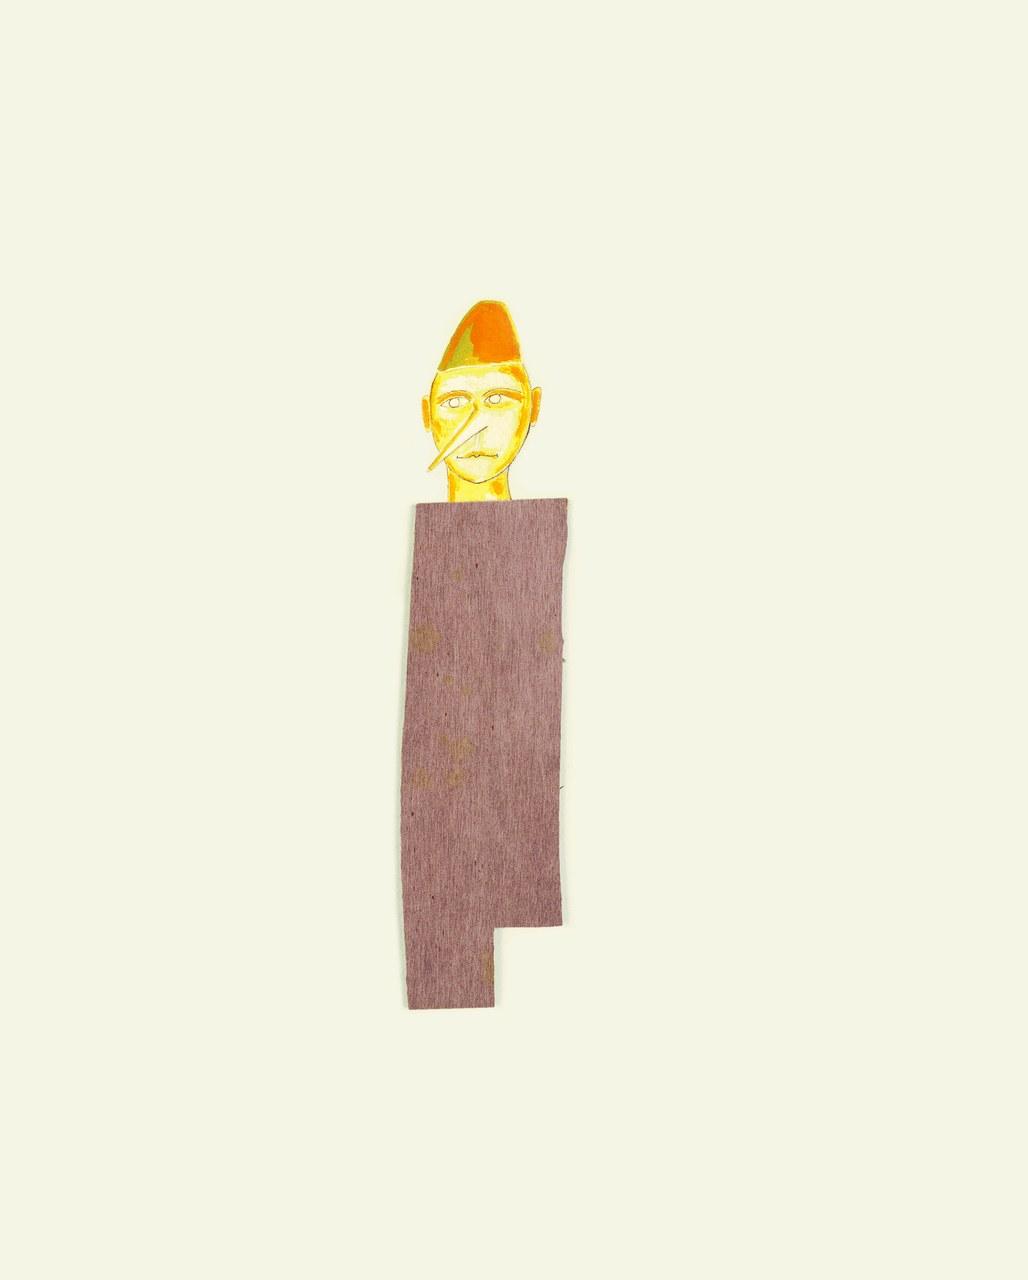 Fig. 1. Mimmo Paladino, opera grafica per Pinocchio, 2004. Serigrafia, acquerello, collage in legno, 60x45 cm